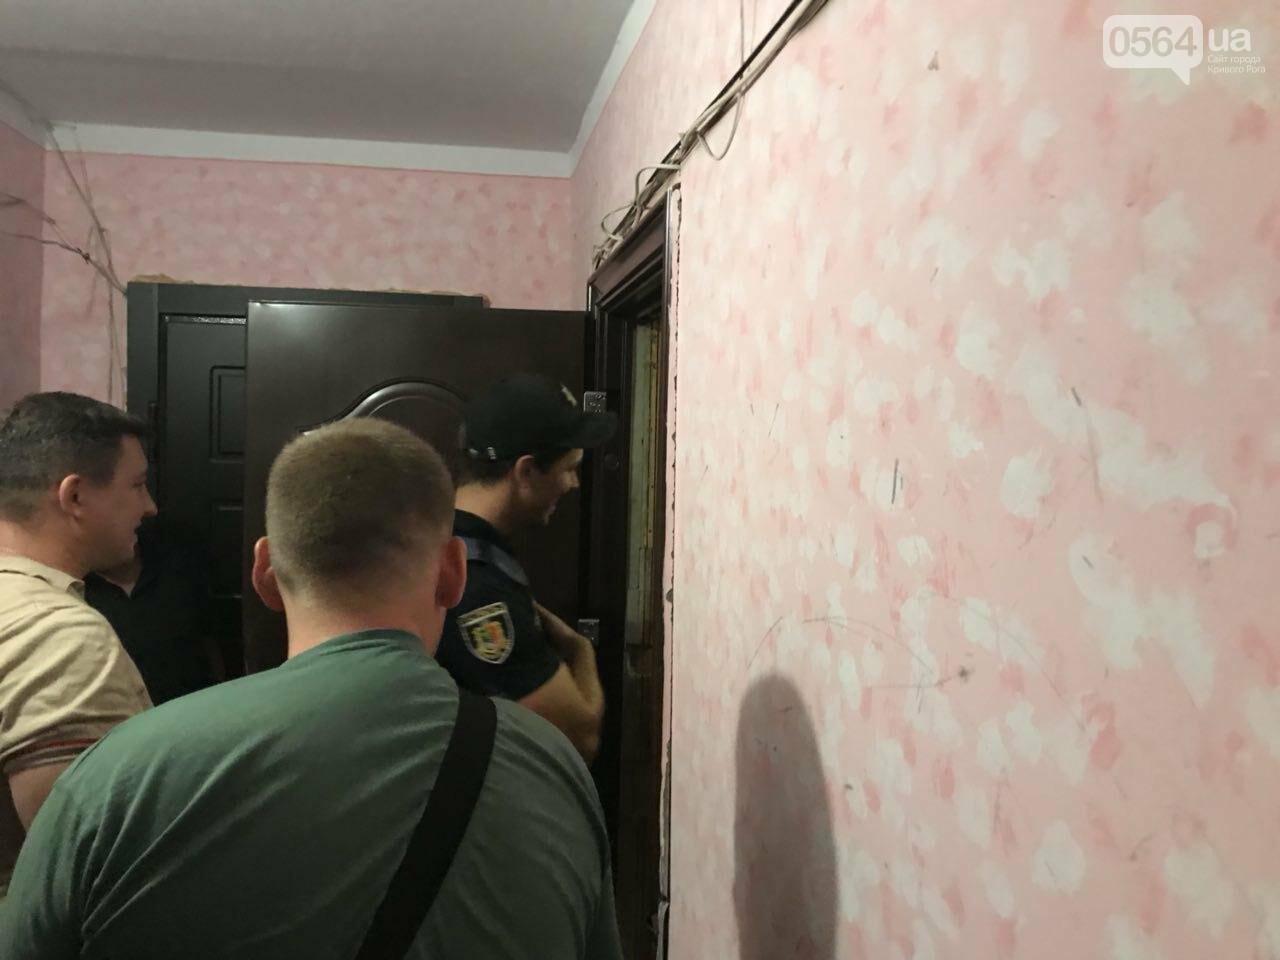 В Кривом Роге мужчина зарезал соседа, с которым распивал алкоголь, - ФОТО , фото-3